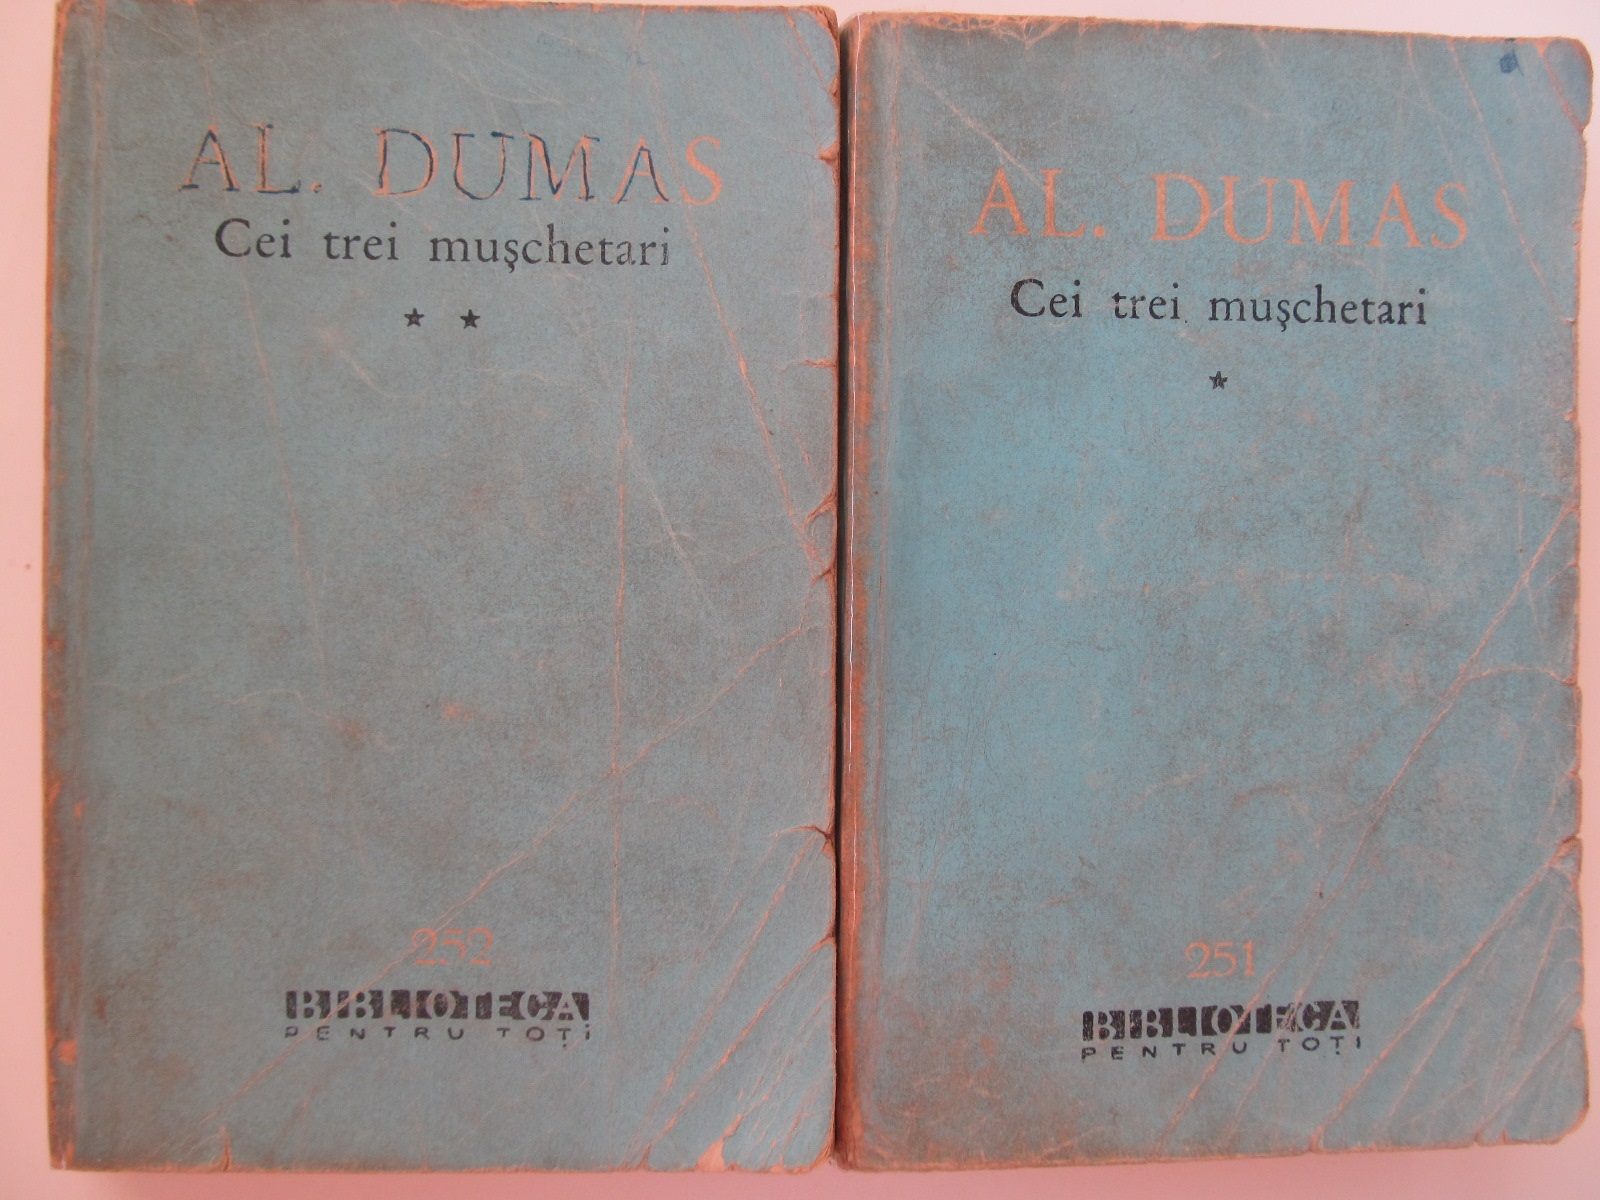 Cei trei muschetari (2 vol.) - Al. Dumas | Detalii carte